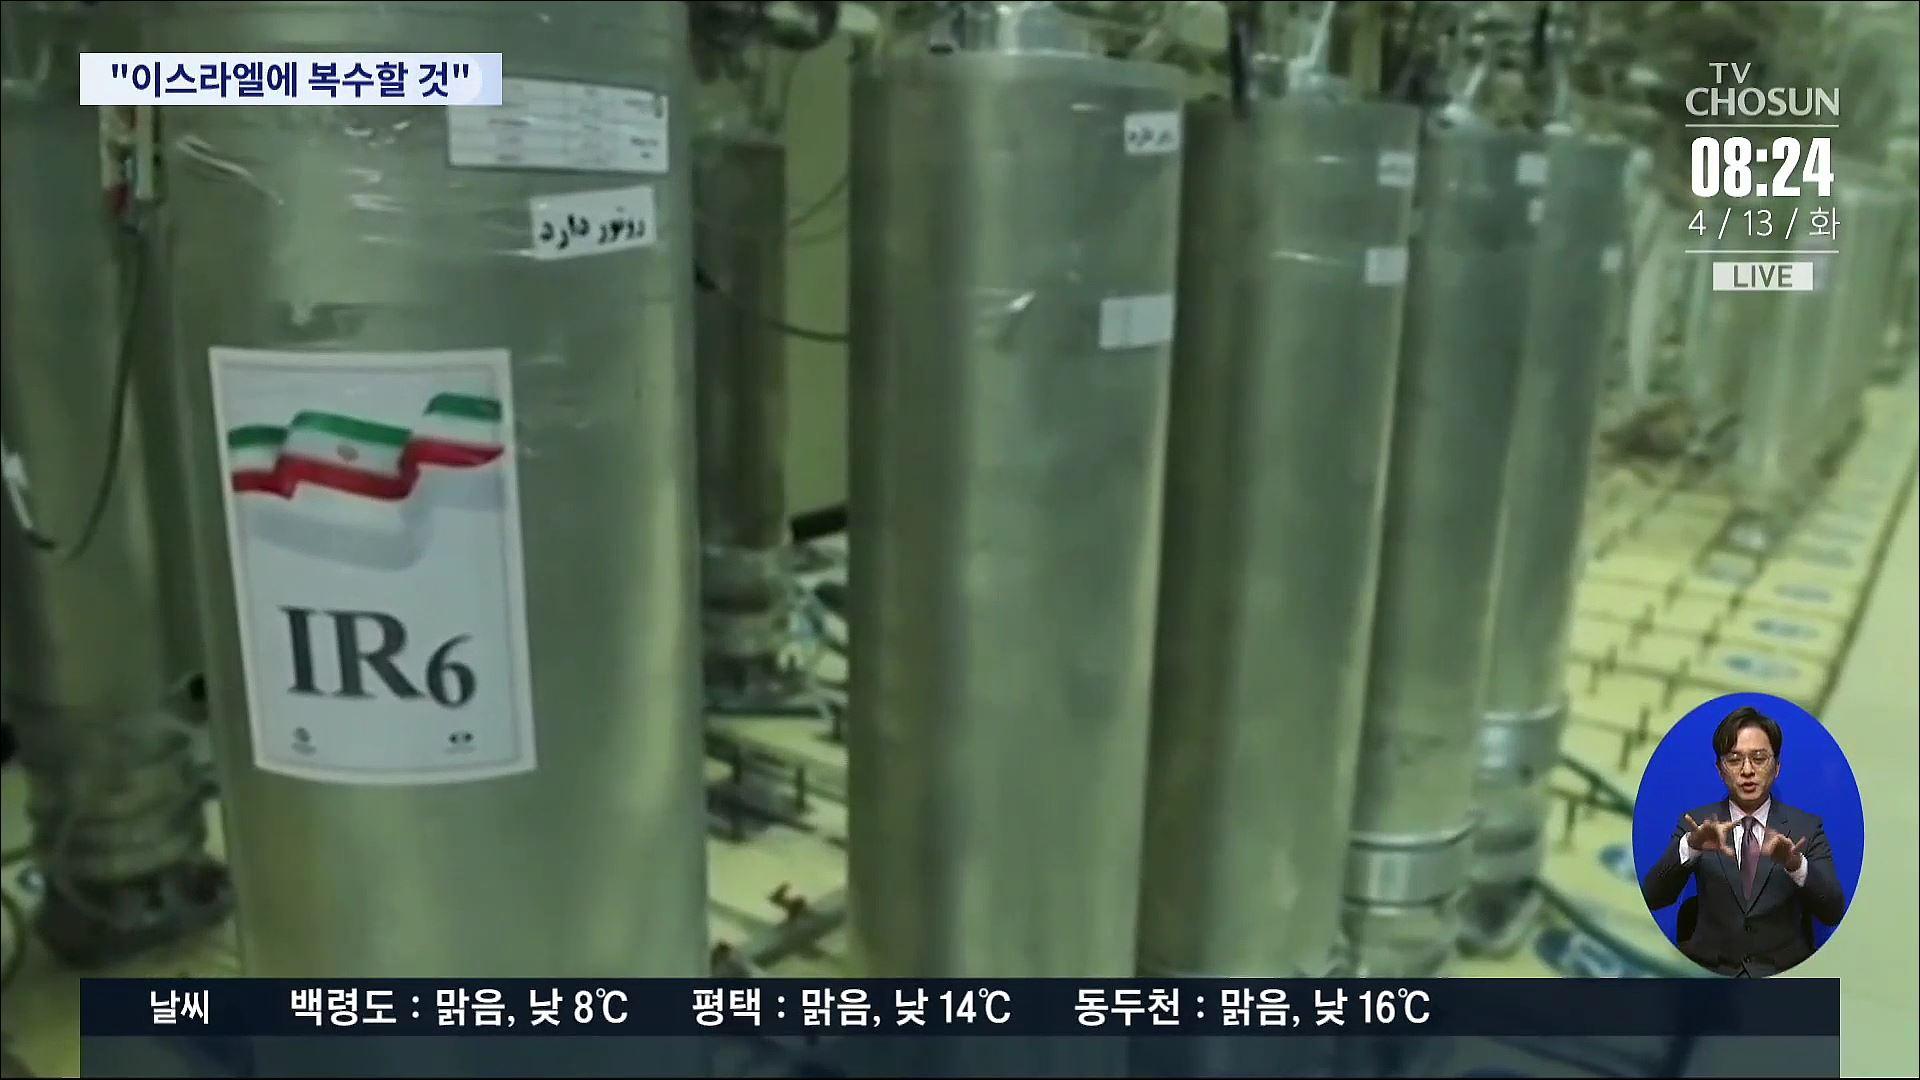 이란 '이스라엘이 핵시설 공격 배후' 복수 경고